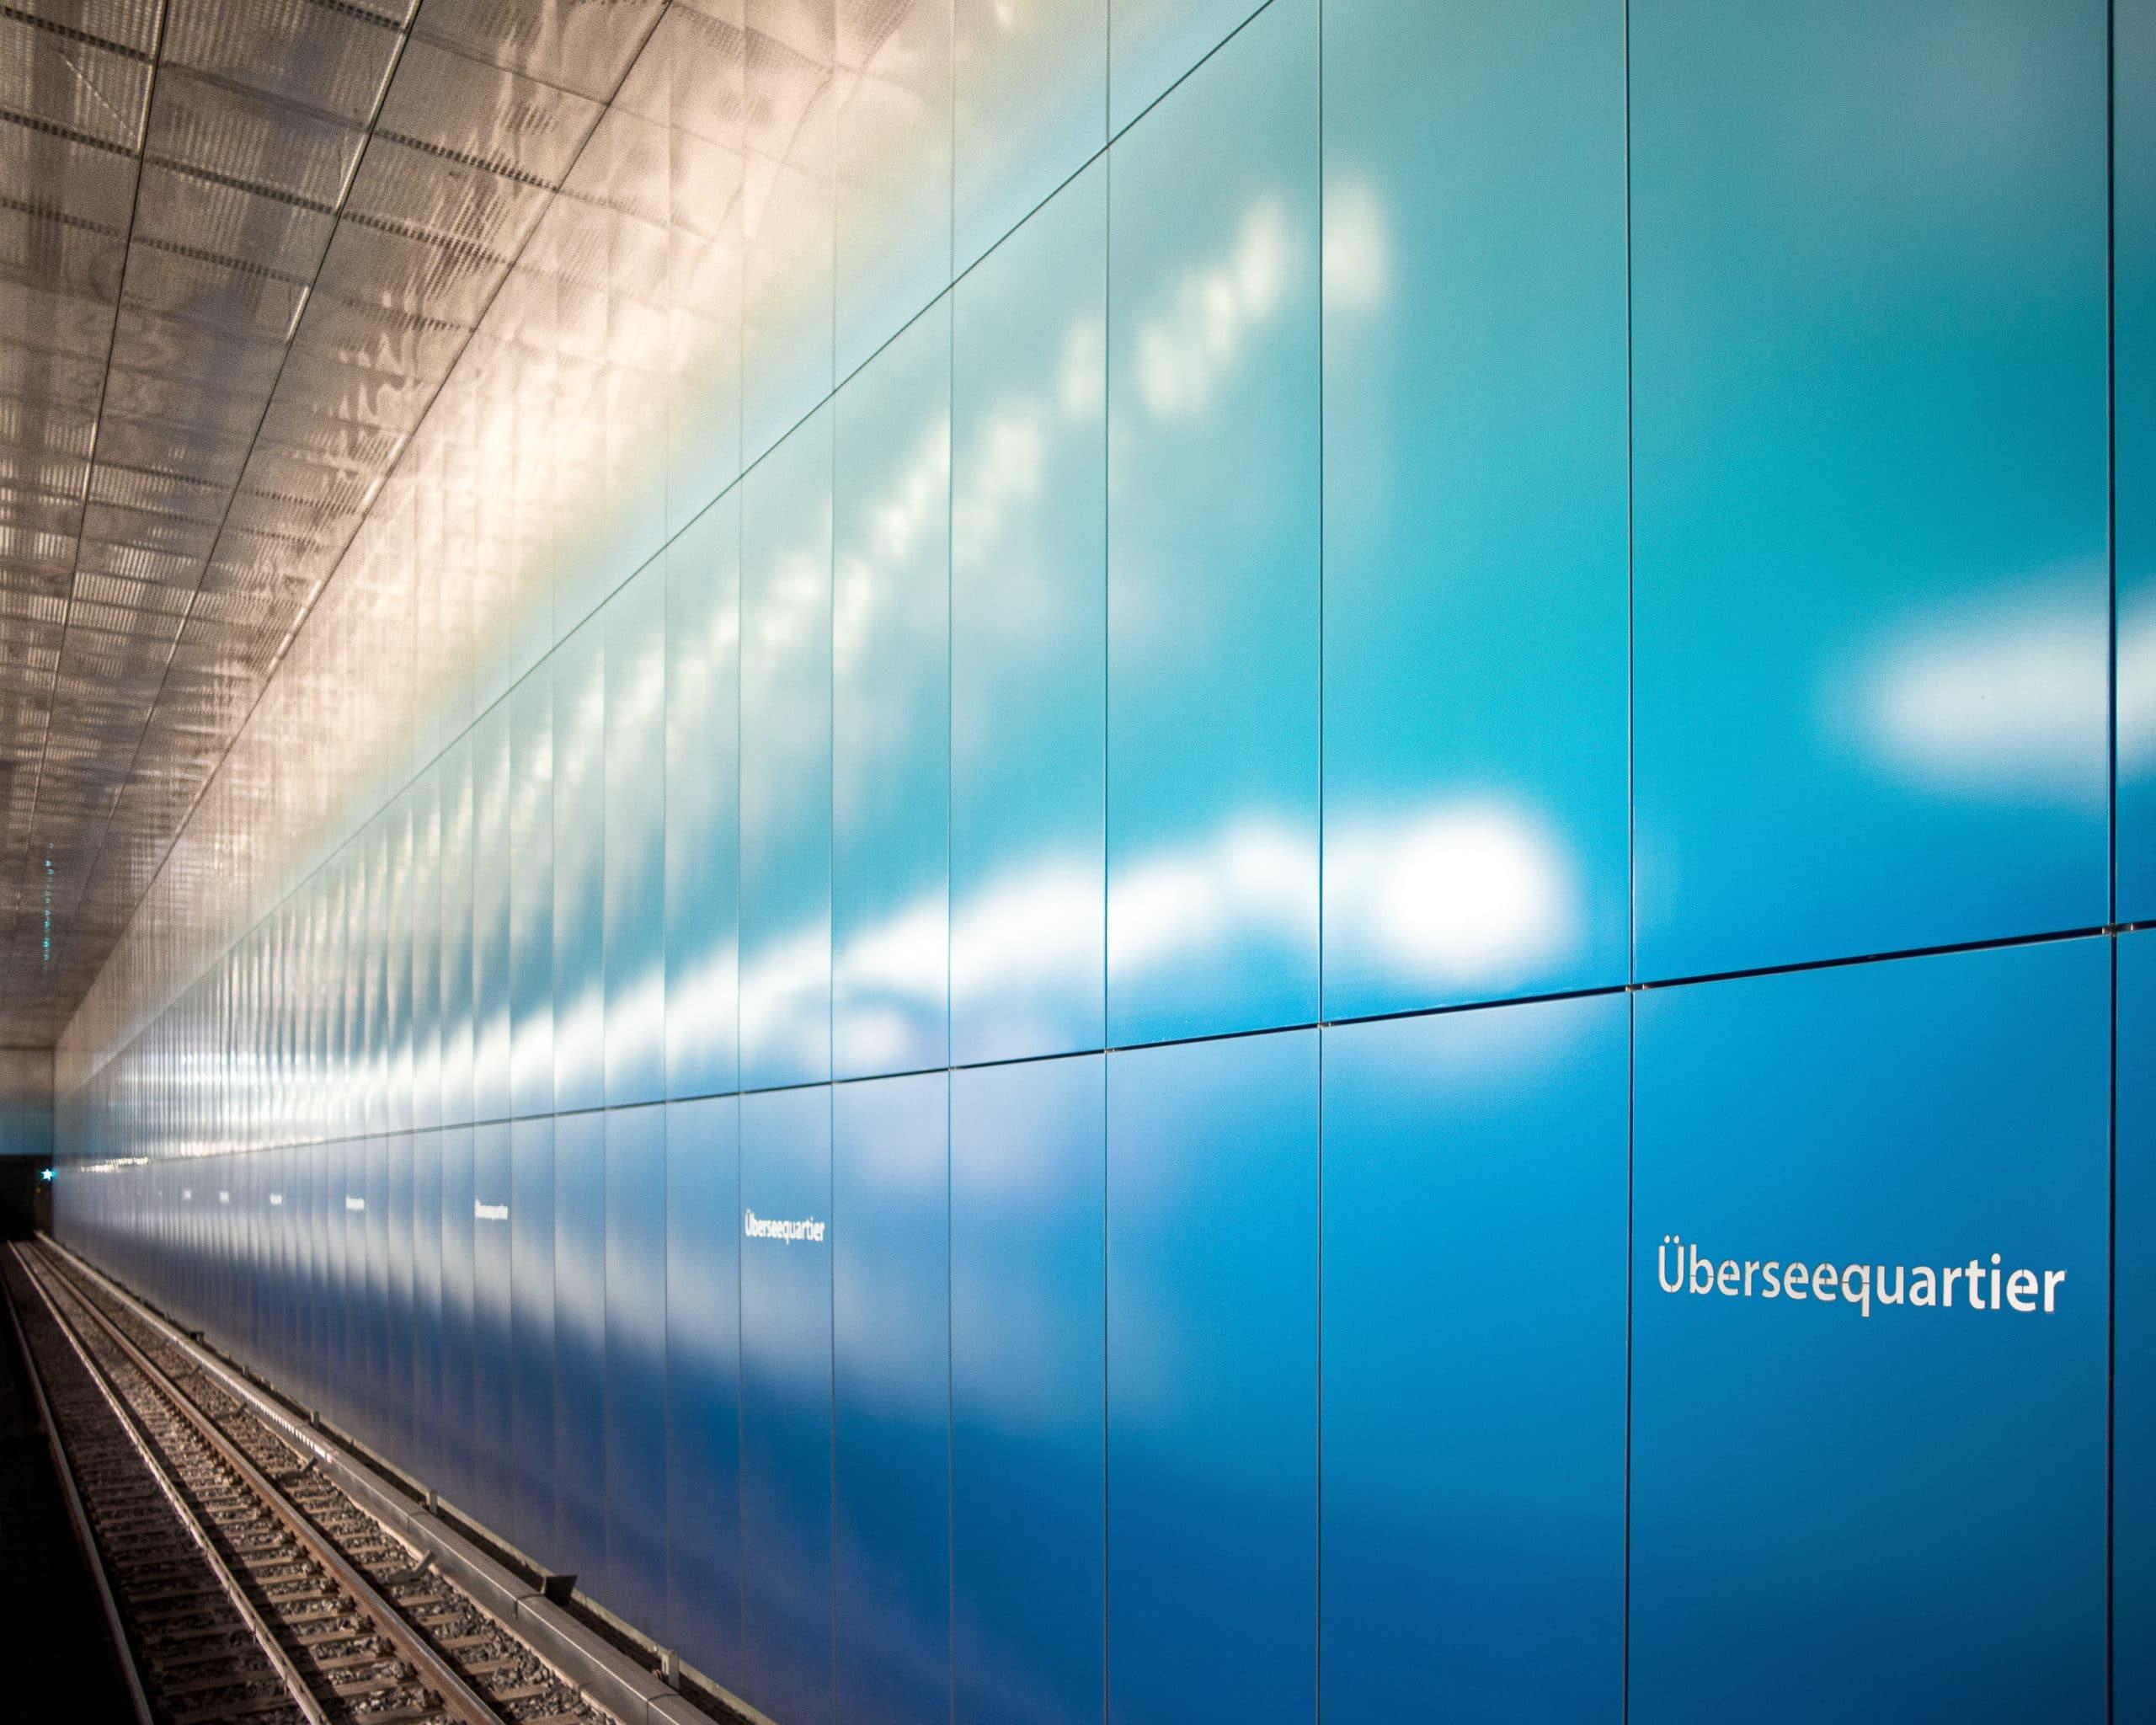 Architektur Aufnahme der Haltestelle Hamburg Überseequartier |Architekturfotograf in Osnabrück Münster Bielefeld NRW Niedersachsen und bundesweit